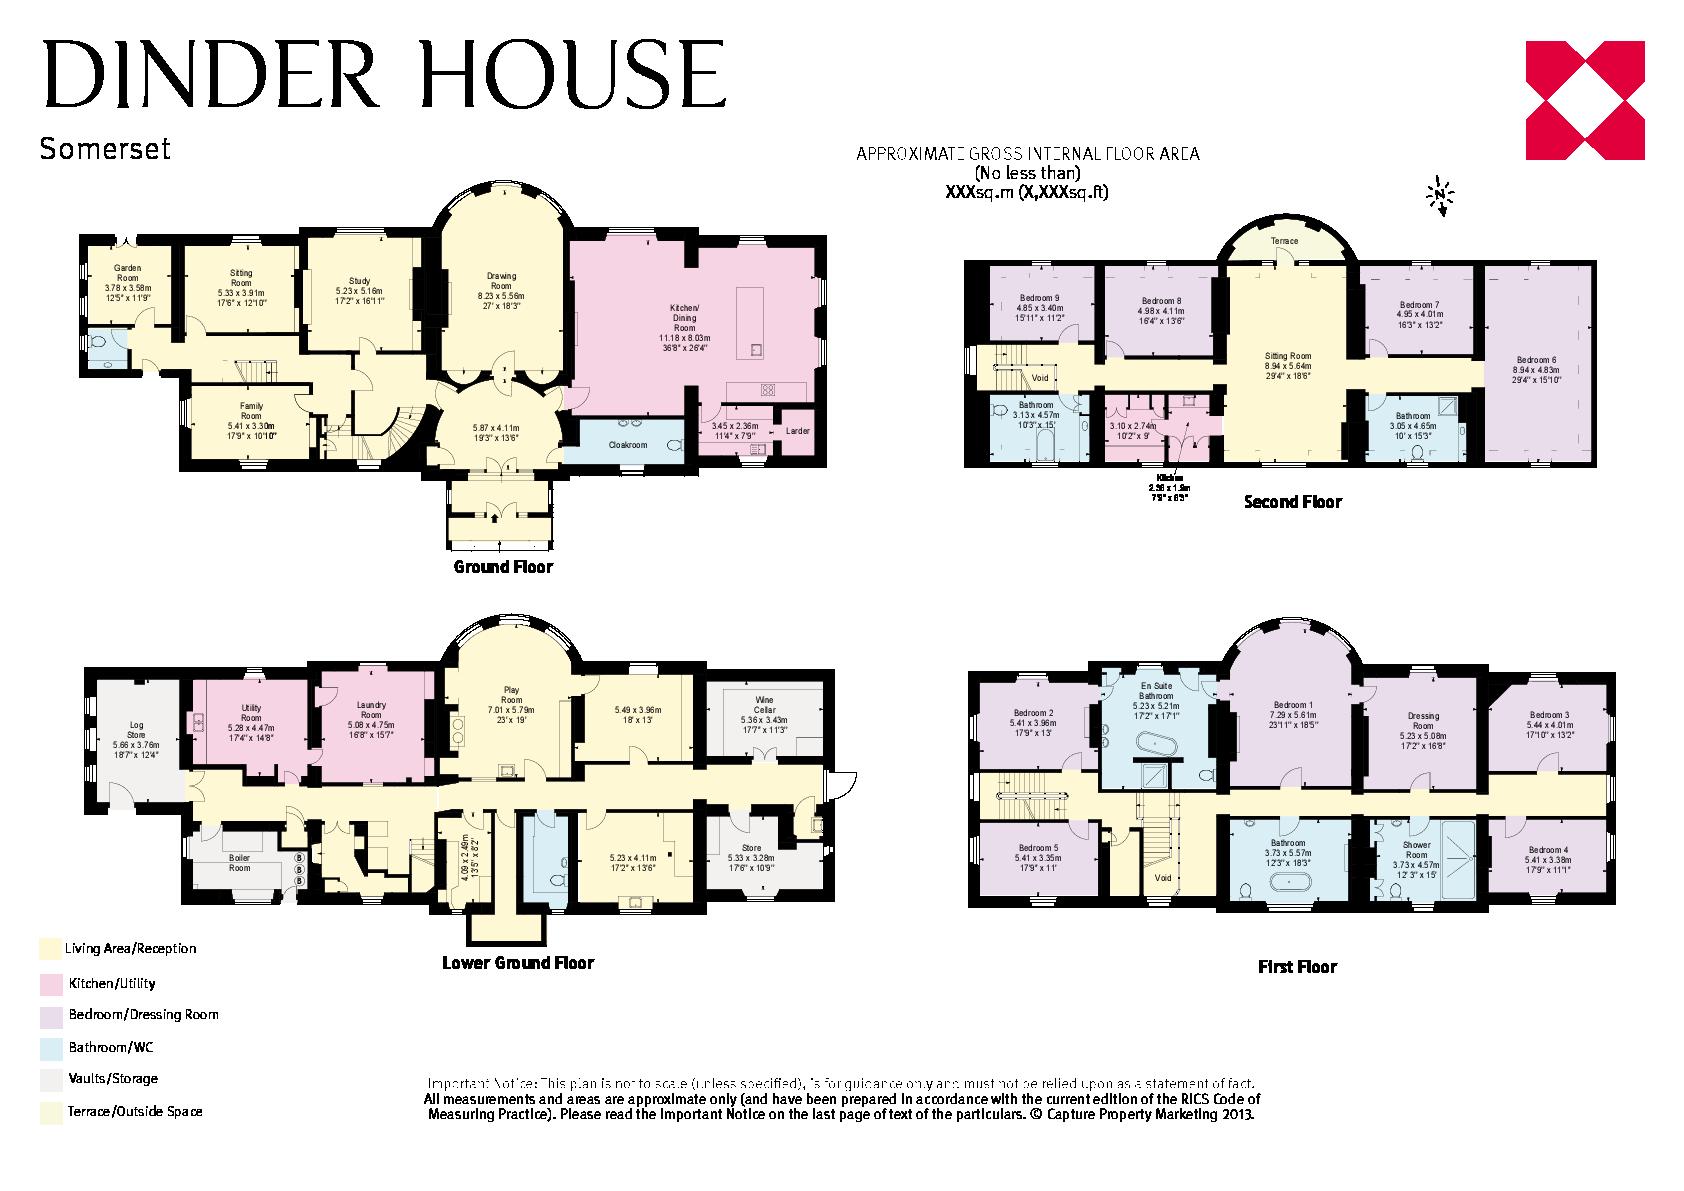 dinder wells somerset ba5 9 bed detached house 4 750 000